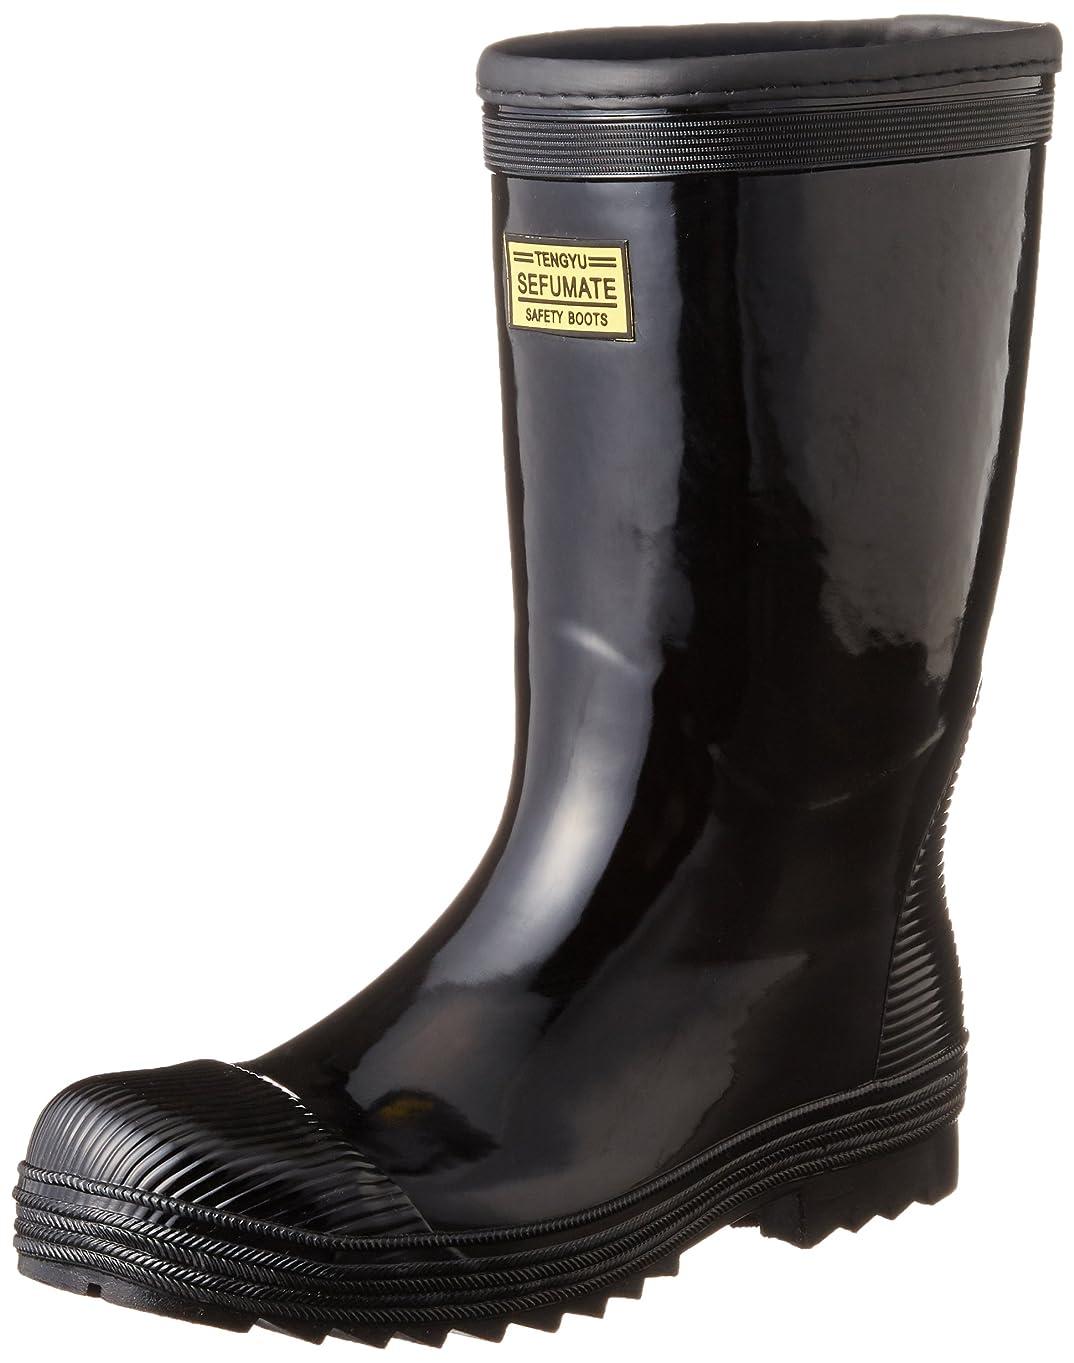 曲線シュートモナリザ[フジテブクロ] 安全長靴 軽半型 セーフティブーツ ゴム製 先芯 992 メンズ BLACK 0